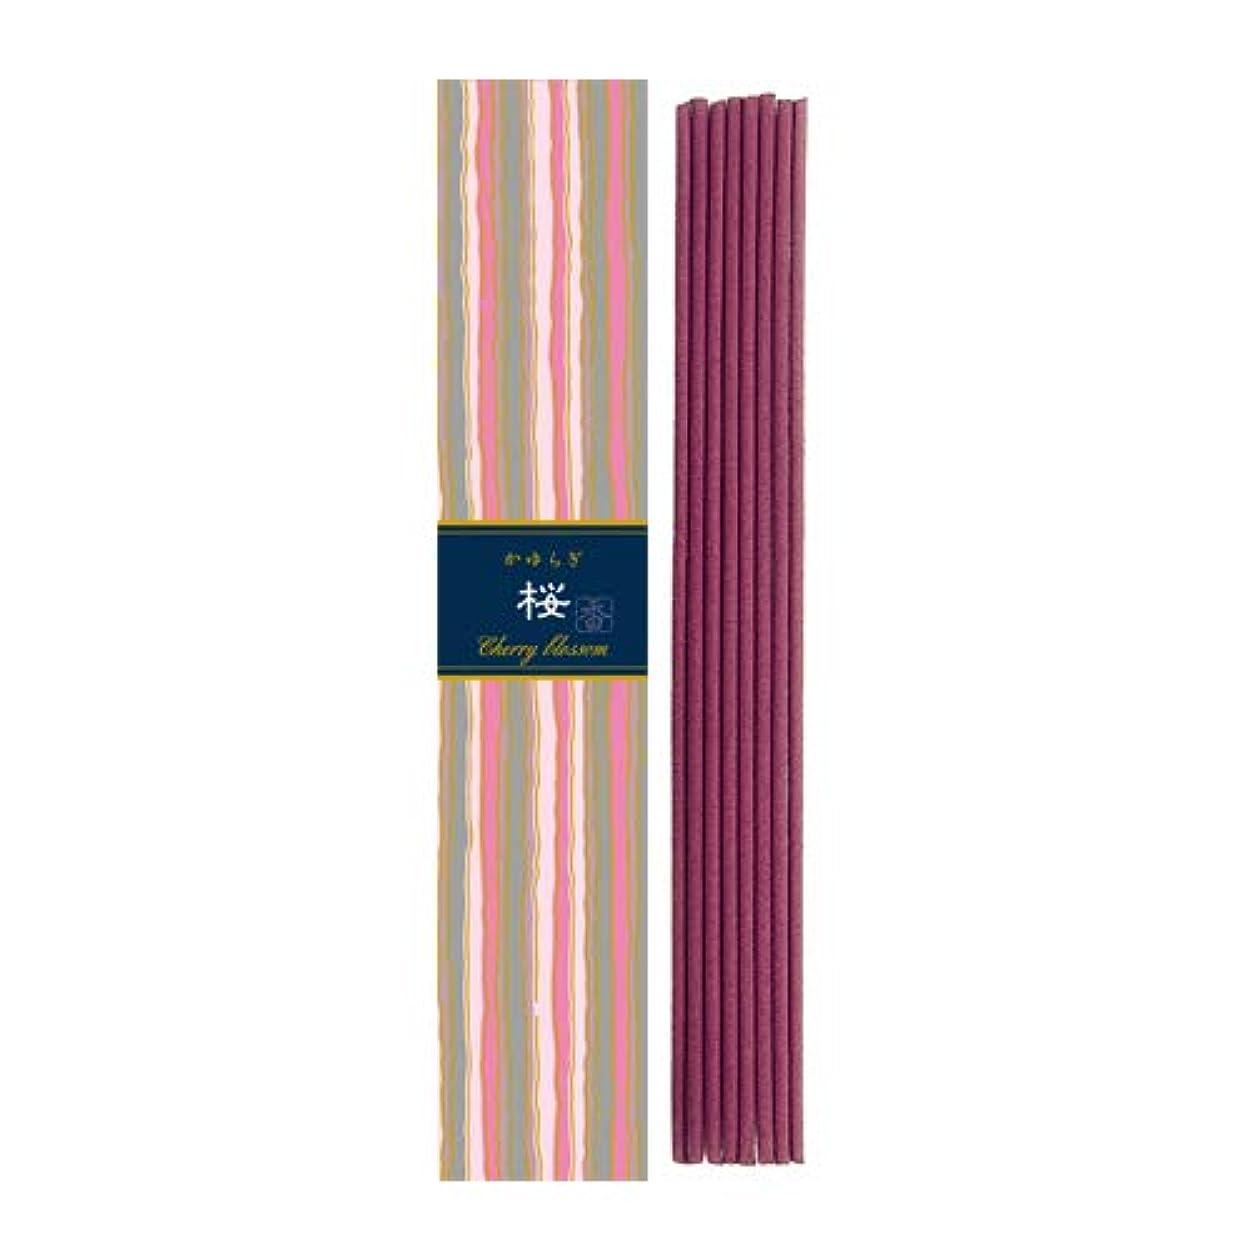 トロピカルアフリカ人通行料金かゆらぎ スティック 桜40本 × 3個セット